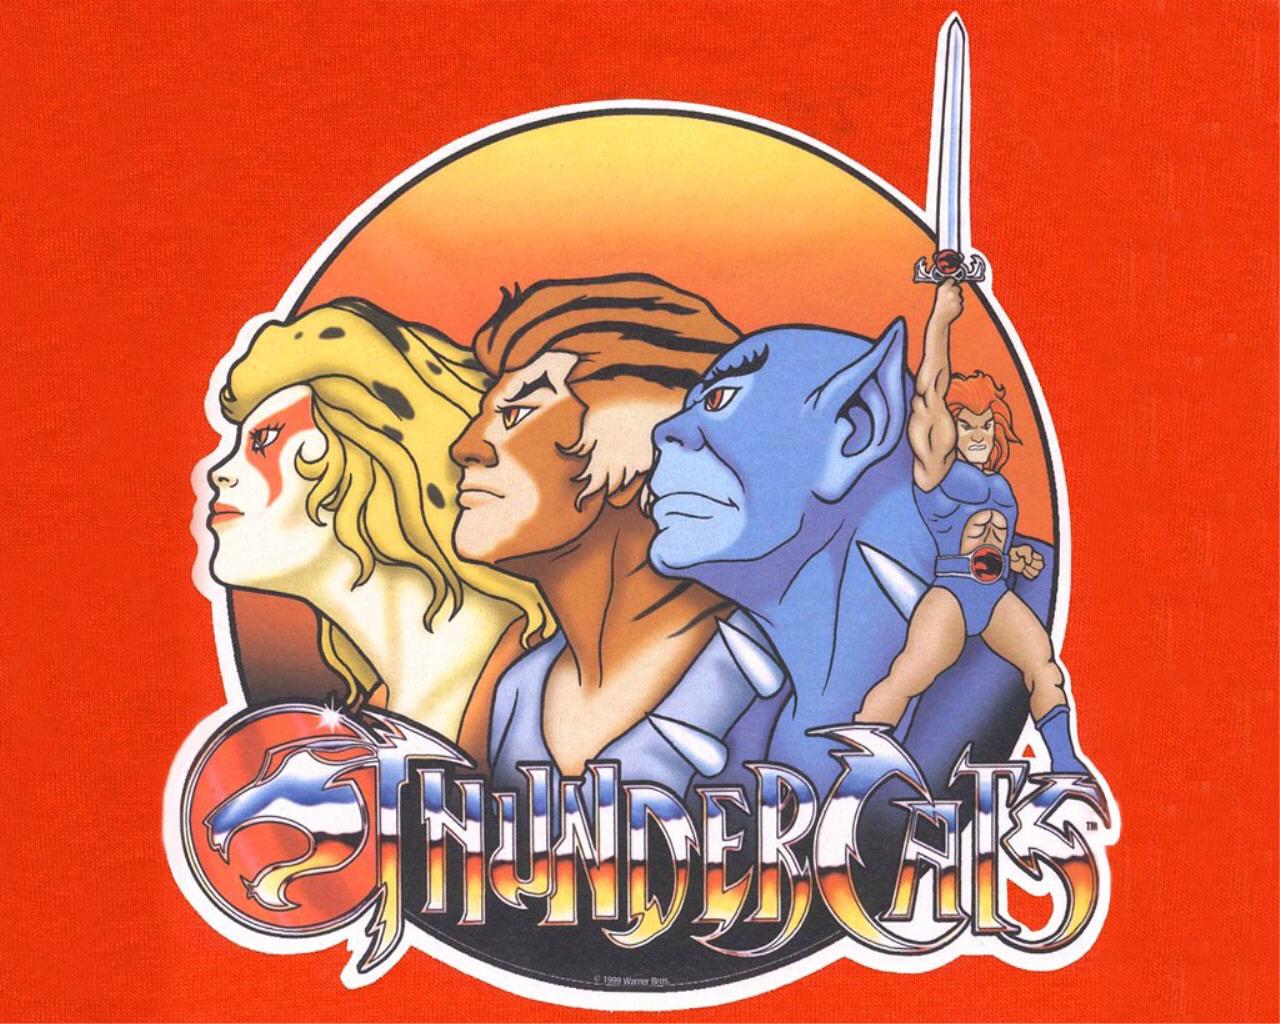 http://4.bp.blogspot.com/-91RWQk7Rys8/TpX6RcGWj_I/AAAAAAAAFgQ/Y4n3grwbKZY/s1600/thundercats+02.jpg